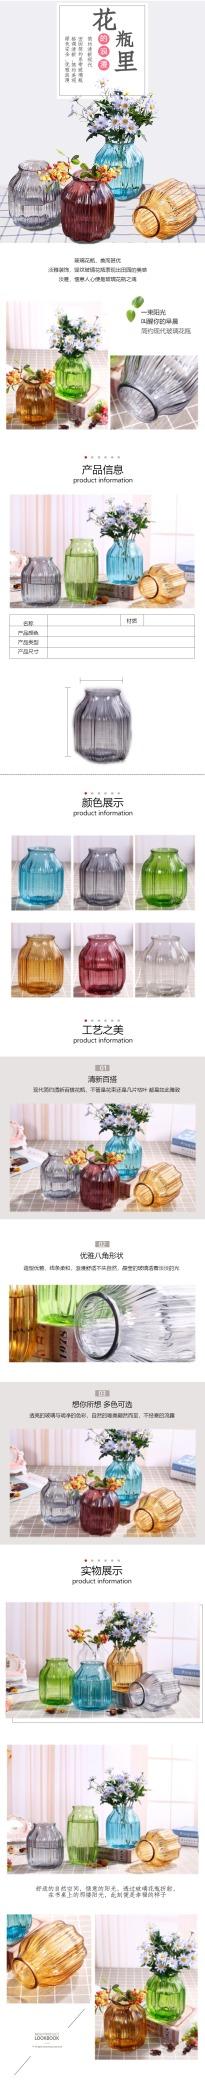 简约清新花瓶花卉电商详情页